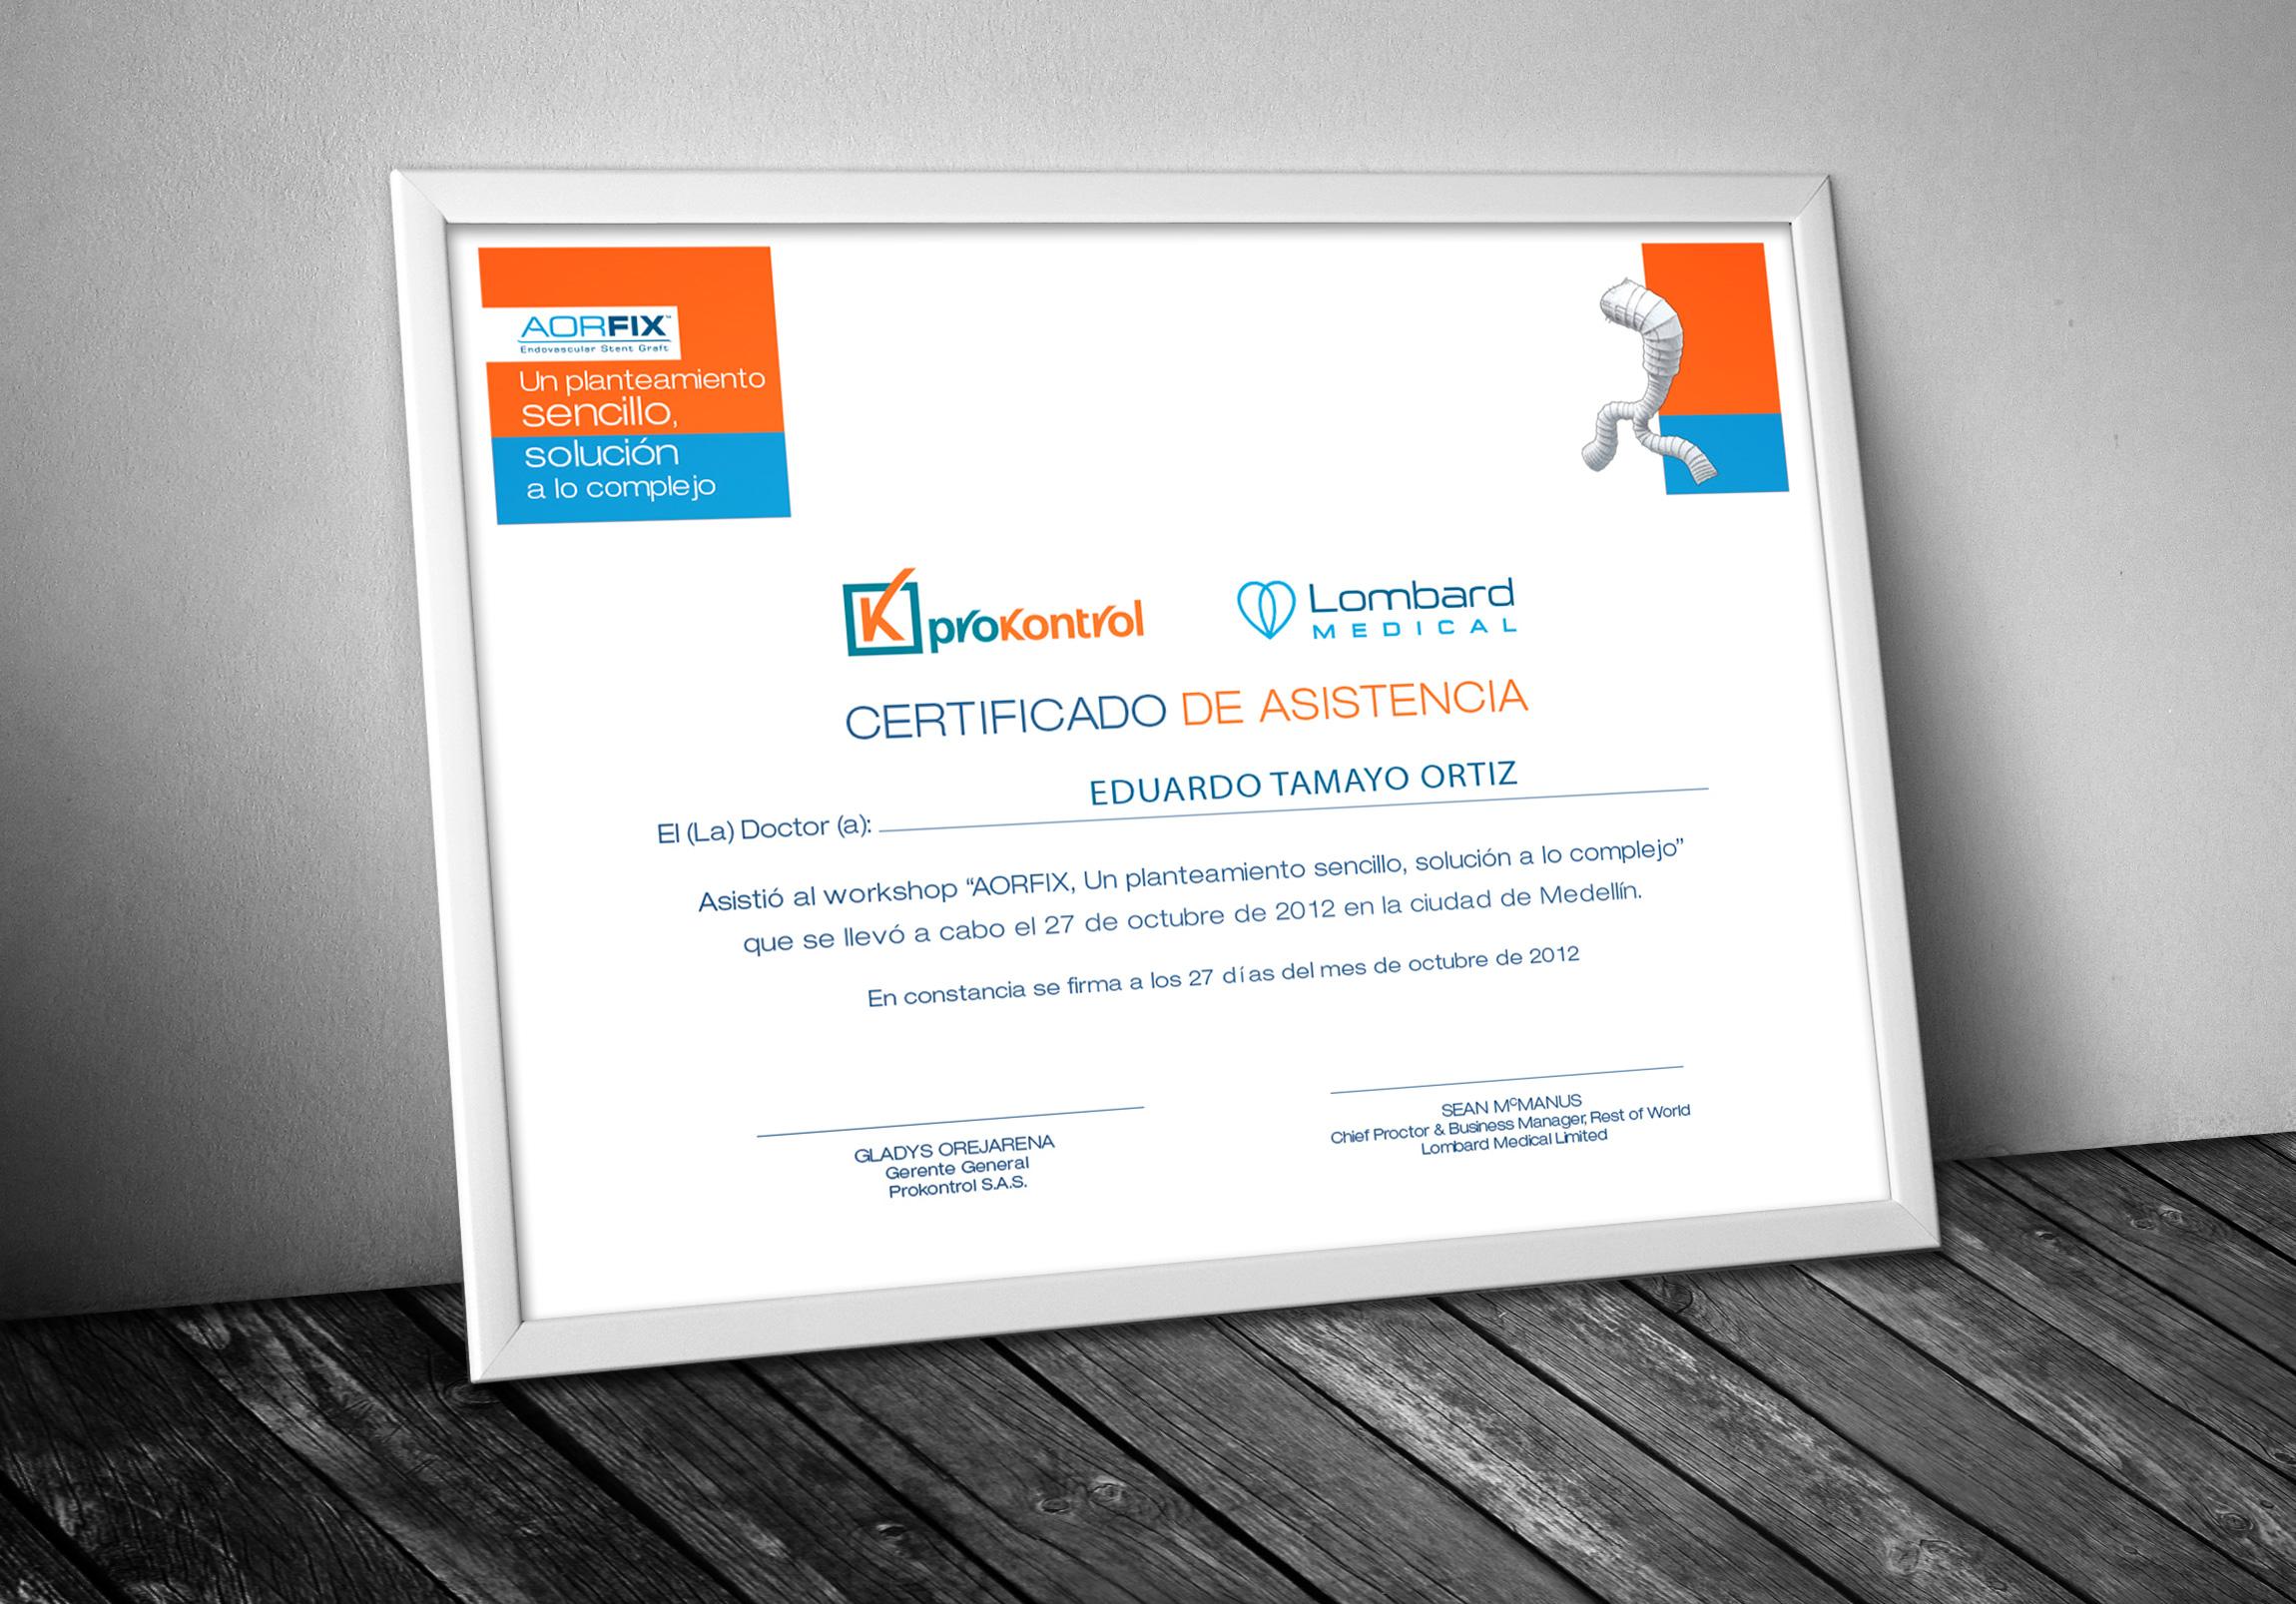 Diploma de Certificación Asistencia Curso Actualización Aorfix Prokontrol